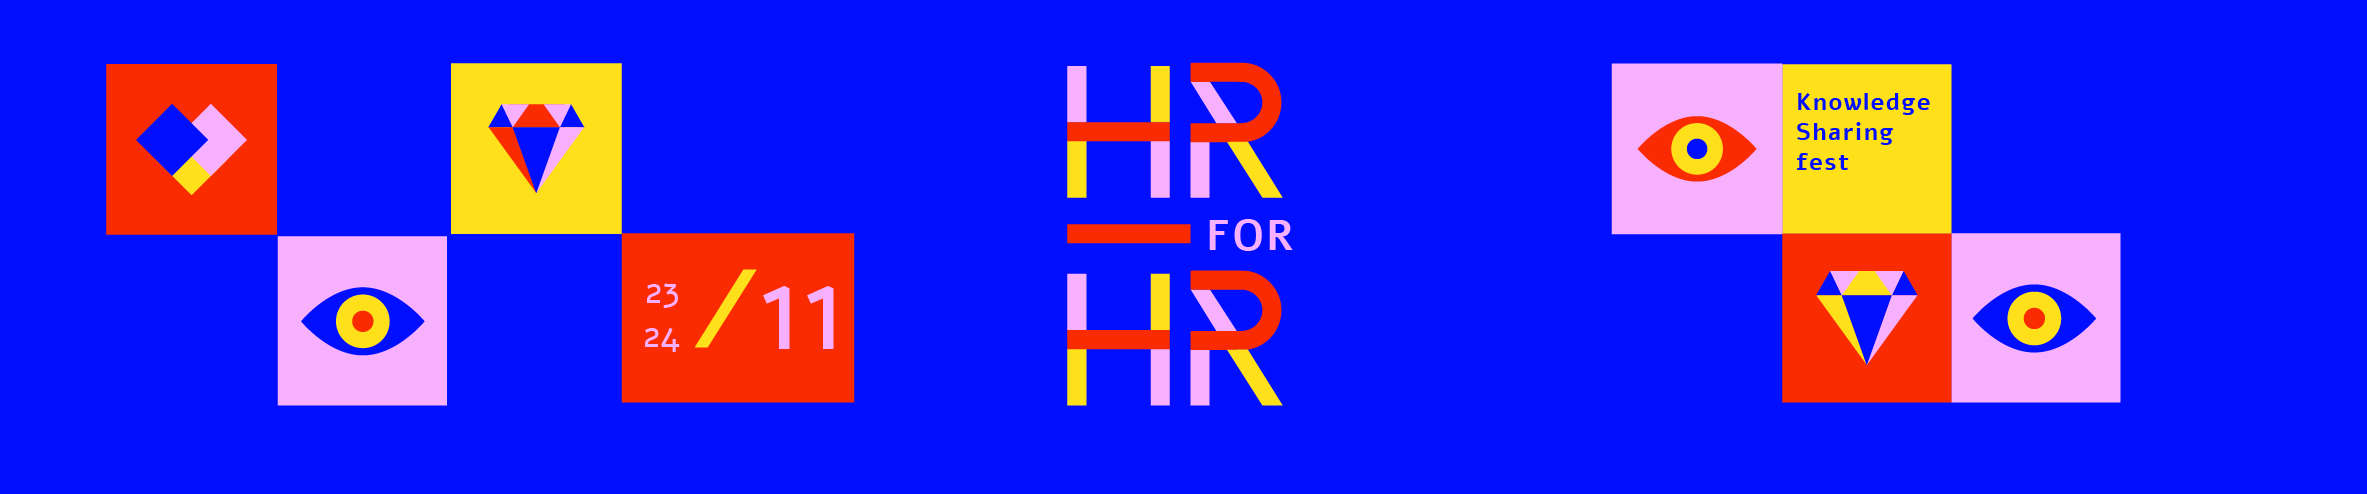 HRFORHR